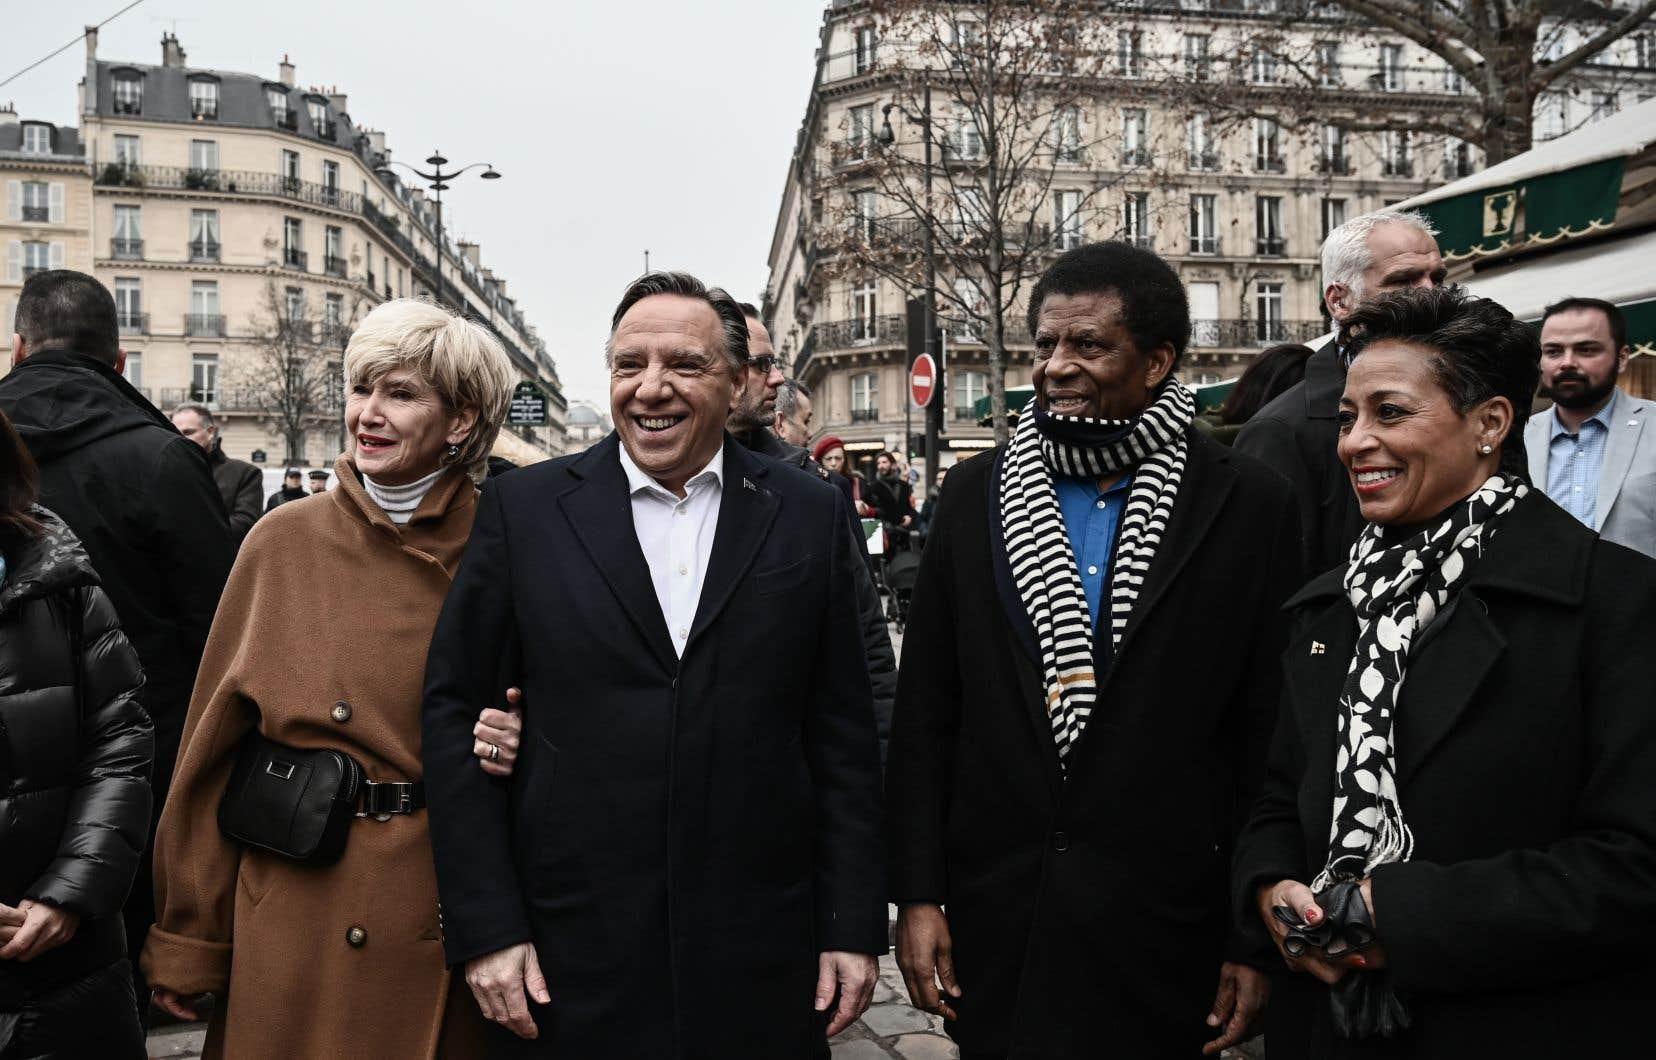 Le premier ministre François Legault a amorcé dimanche sa première visite officielle en France. Sur la photo, il est accompagné de sa femme, Isabelle Brais, de l'écrivain Dany Laferrière et de la ministre québécoise des Relations internationales, Nadine Girault.